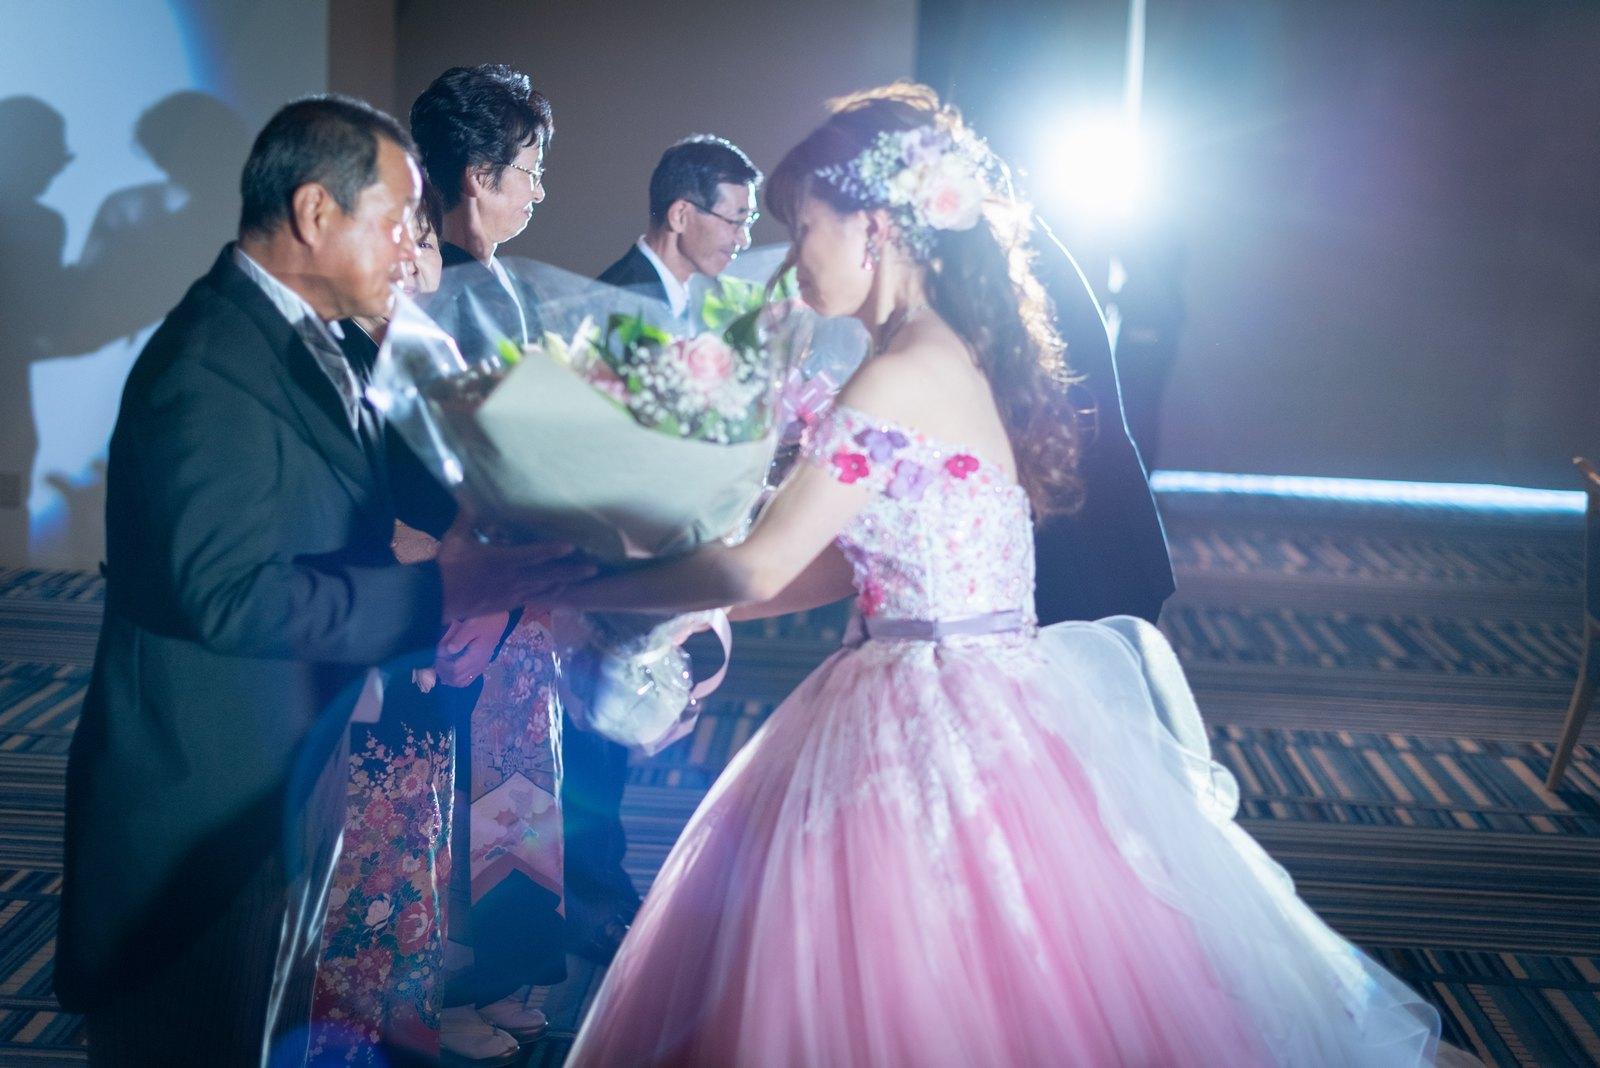 香川県の結婚式場のシェルエメール&アイスタイルの花束贈呈